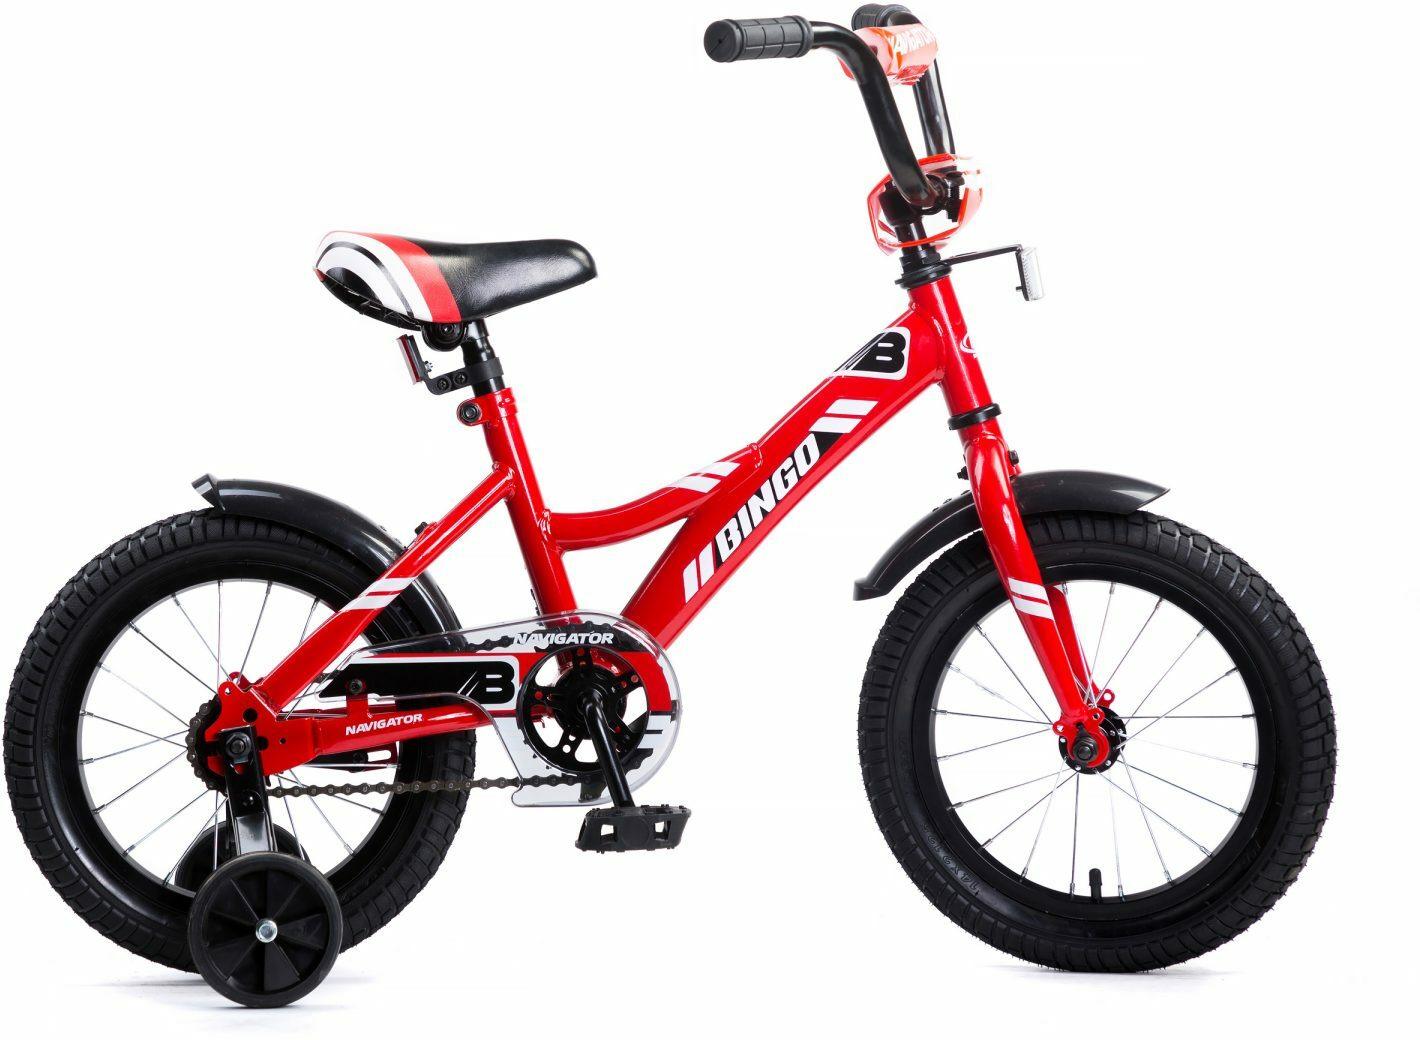 Велосипед детский Navigator Bingo, ВМ14177, разноцветный, колесо 14 велосипед детский navigator hot wheels 14 1 скорость